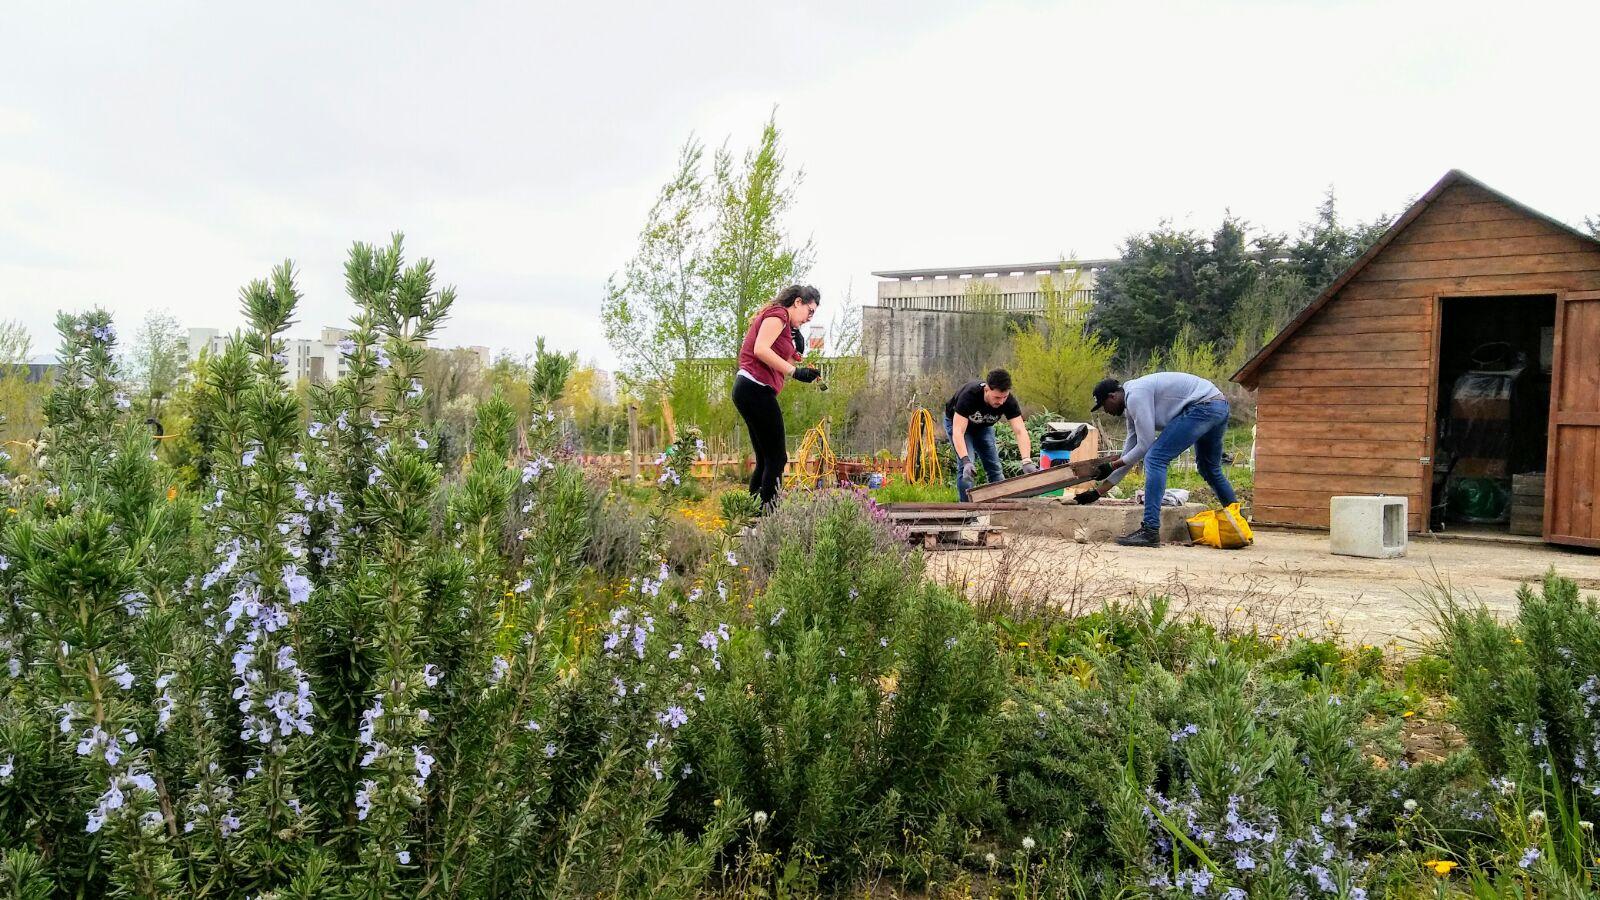 foto di volontari all'opera negli orti urbani a Potenza